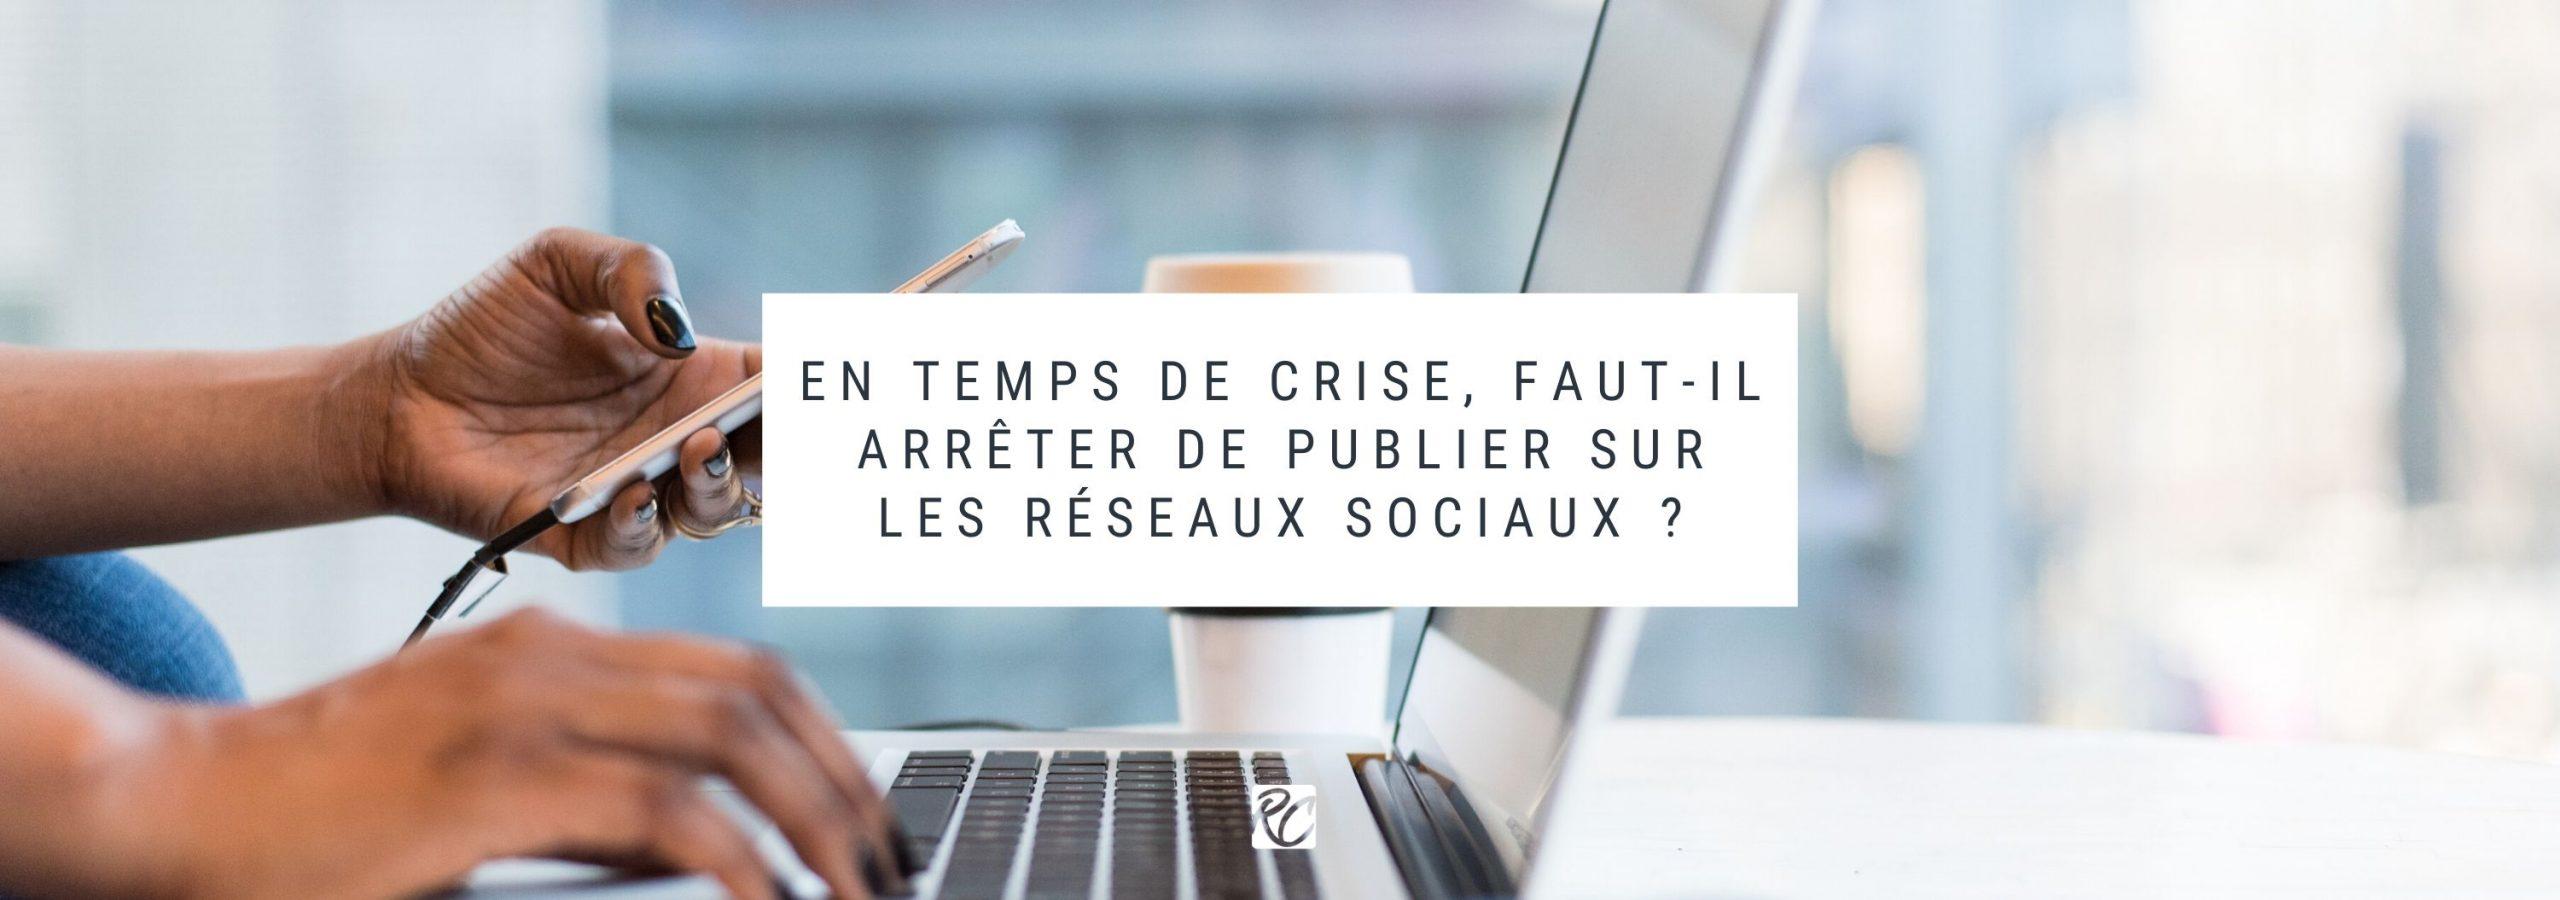 En temps de crise, faut-il arrêter de publier sur les réseaux sociaux ?